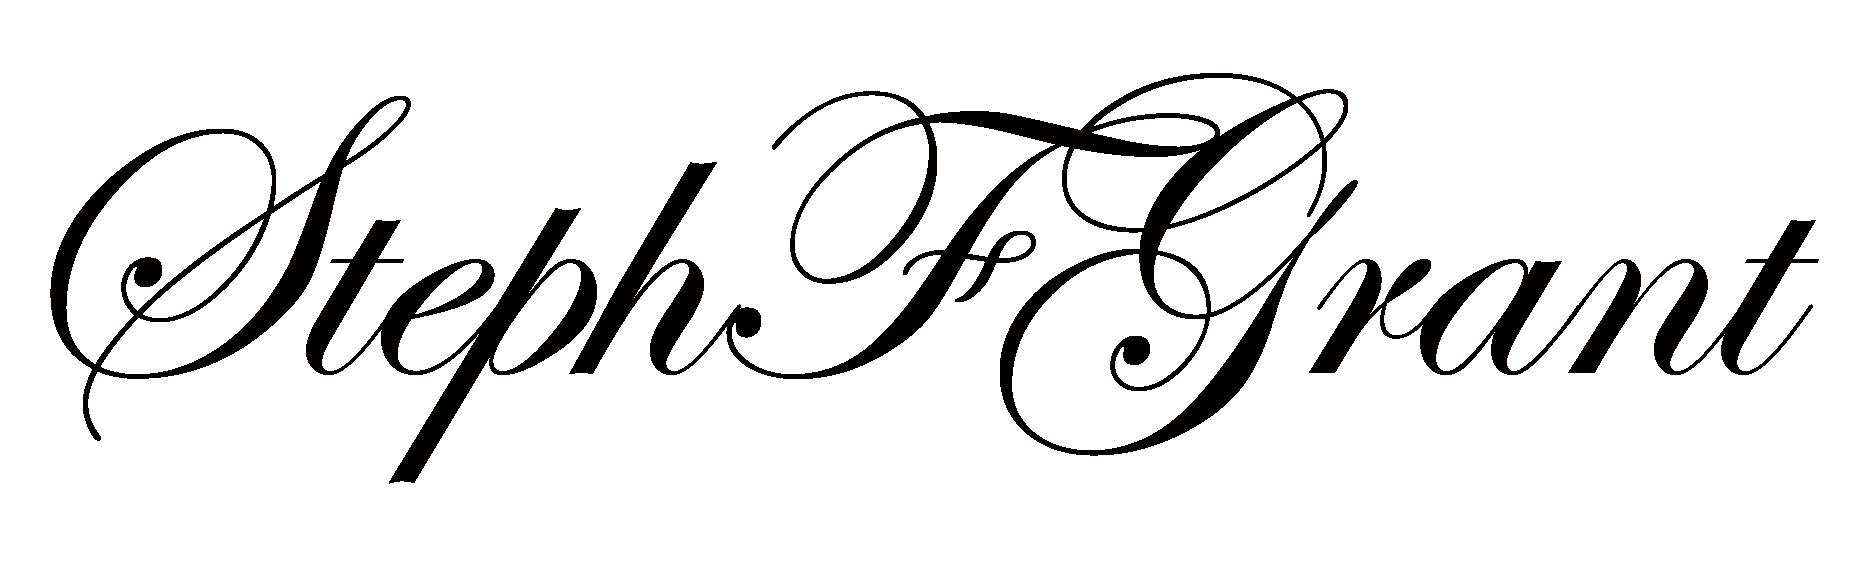 stephfgrant's Signature